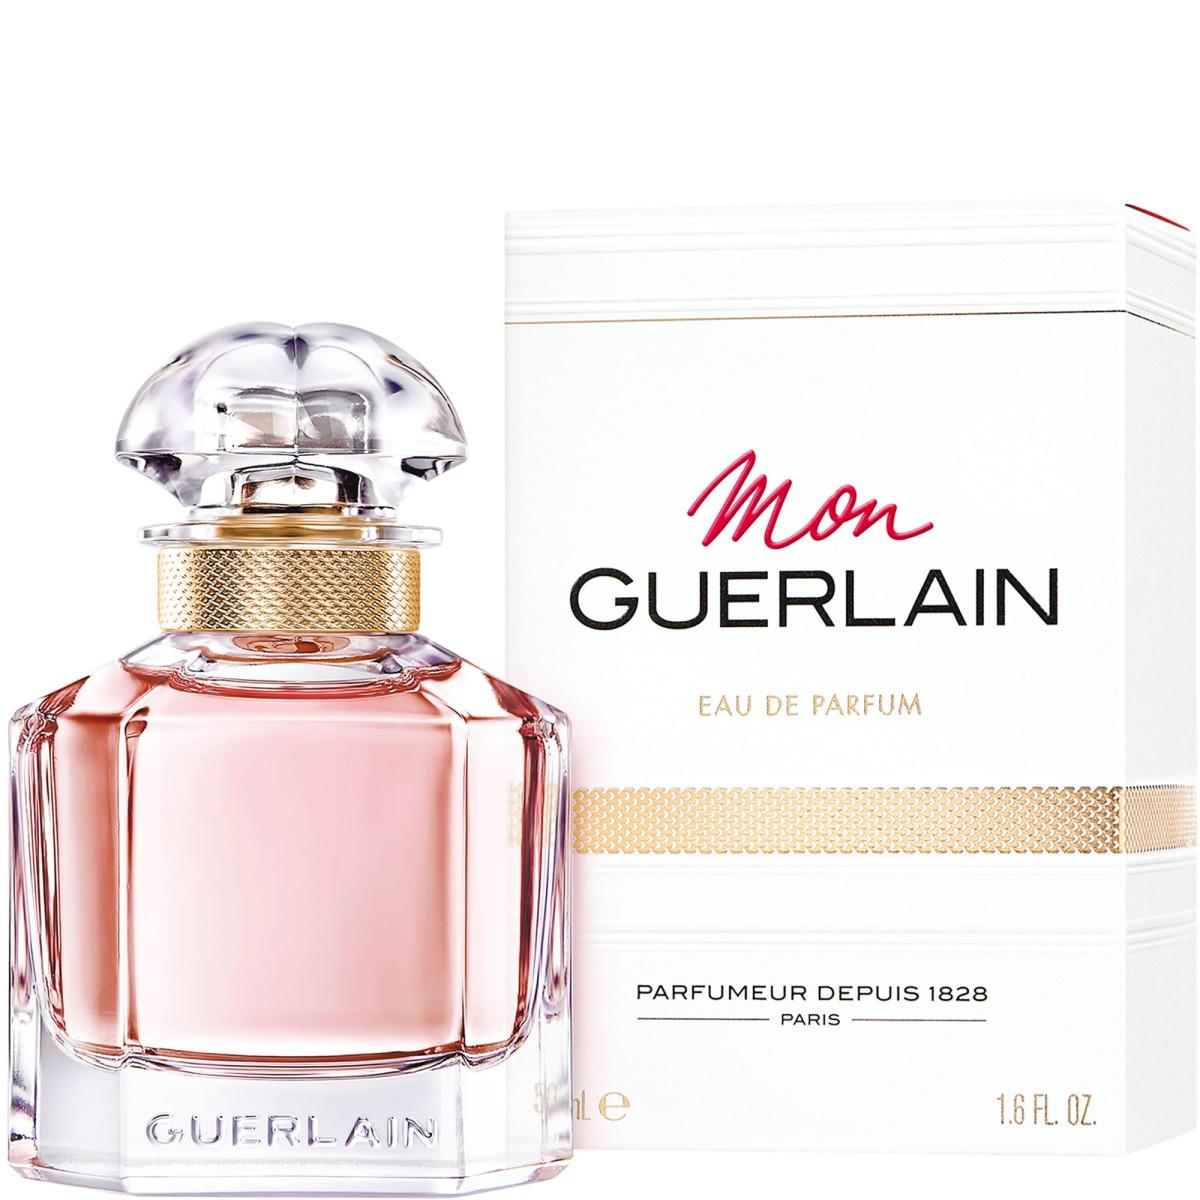 Vårnyheter: Guerlain - Mon Guerlain